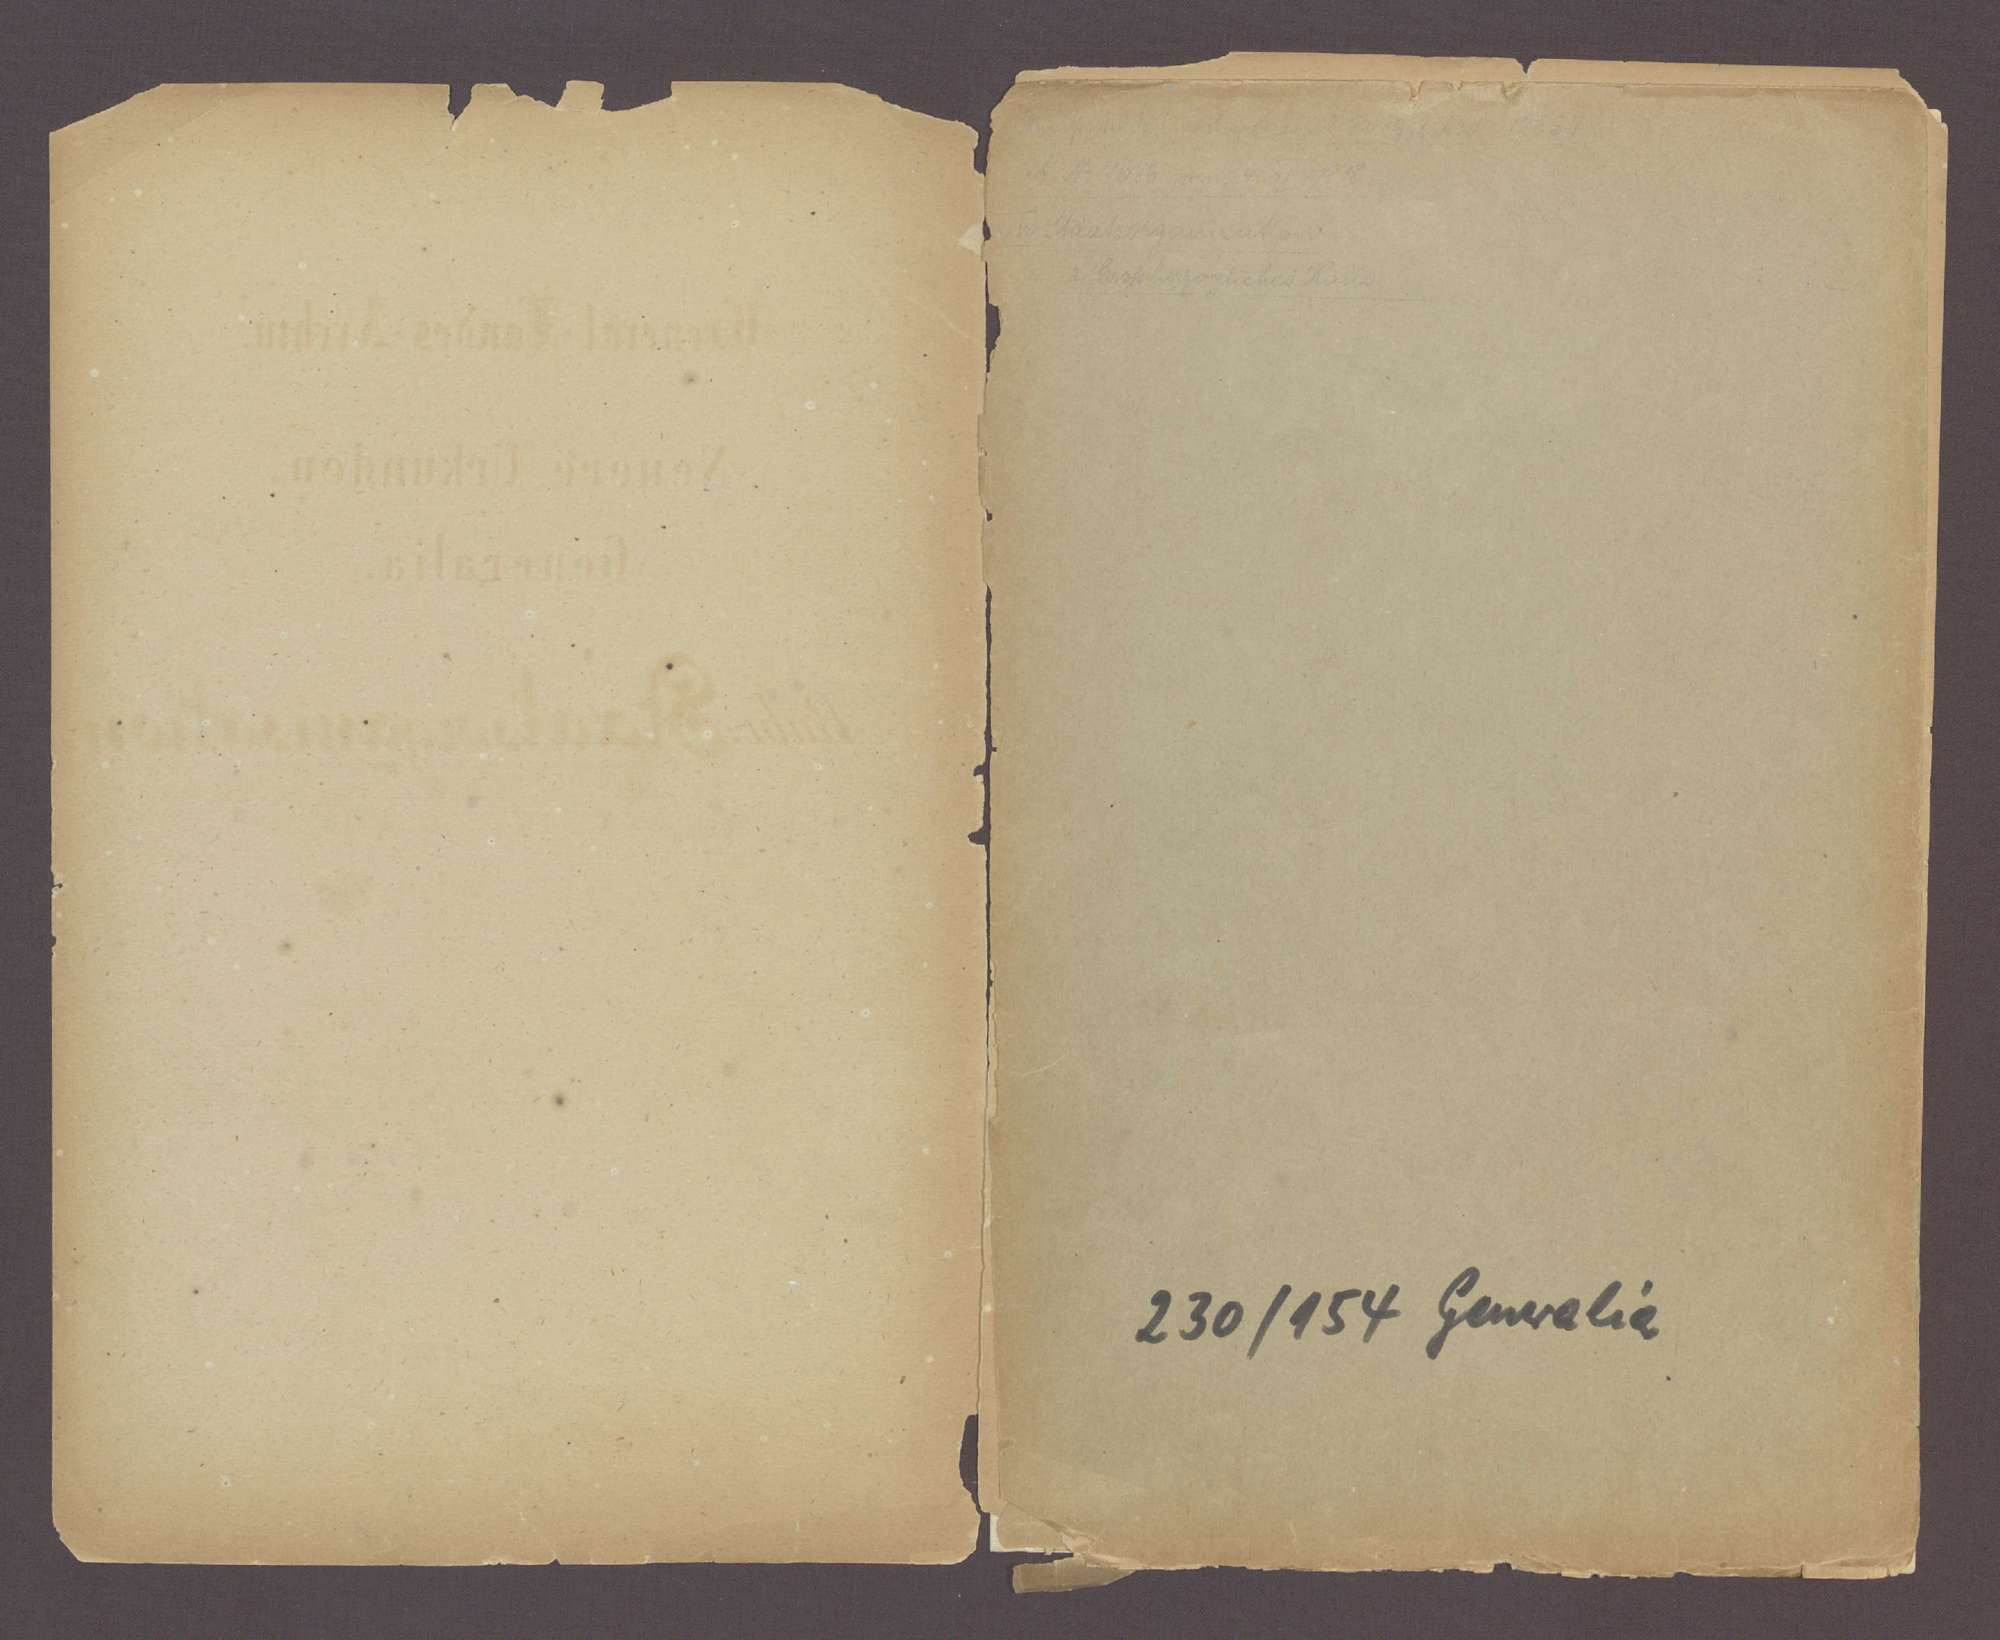 Urkunde über den Thronverzicht Seiner Königlichen Hoheit des Großherzogs Friedrich und Seiner Großherzoglichen Hoheit des Prinzen Max von Baden (22. November 1918), Bild 2